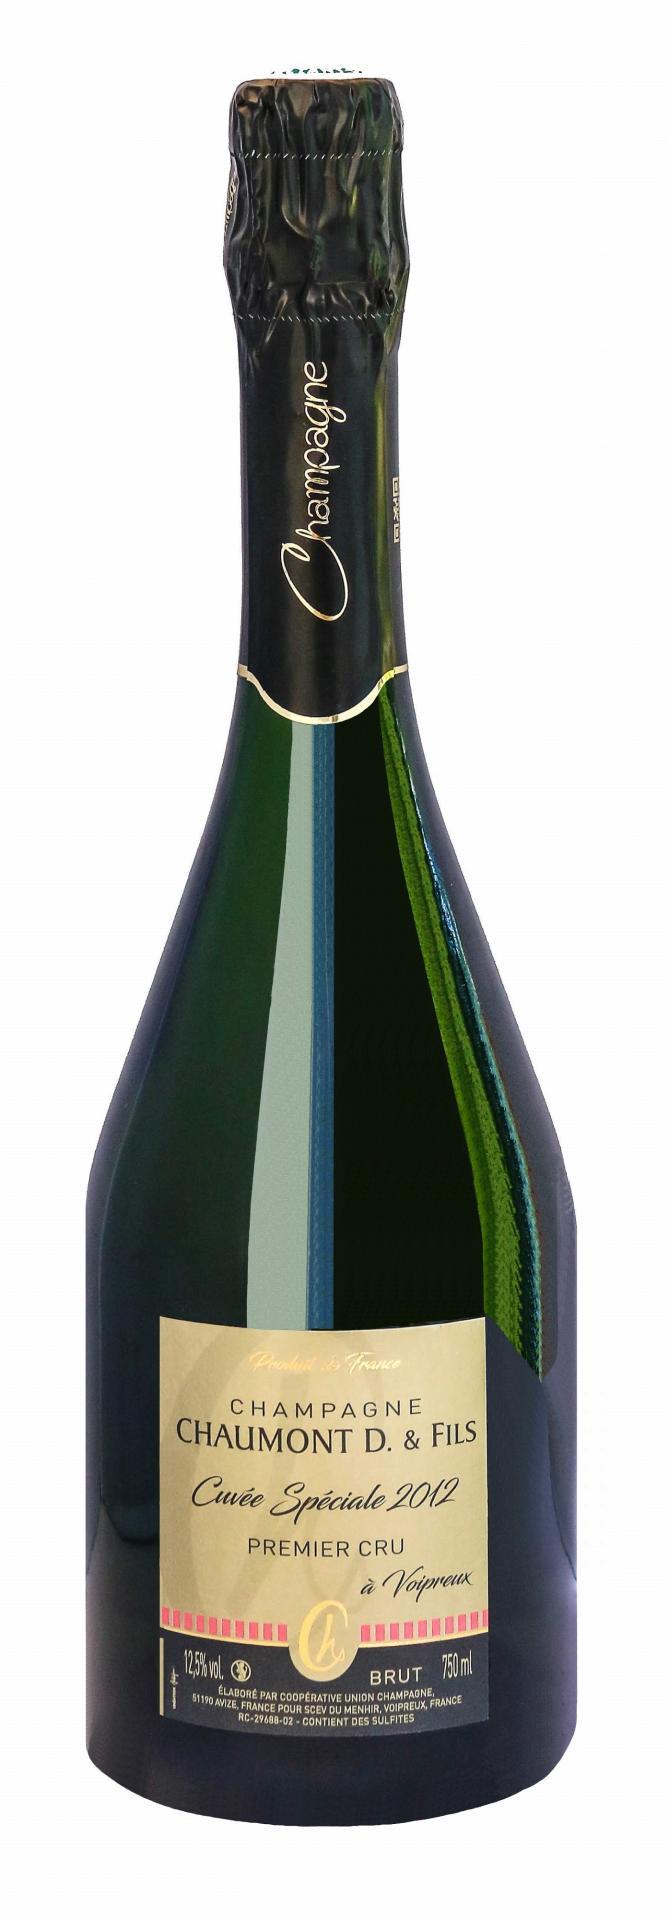 Cuvée Spéciale 2012